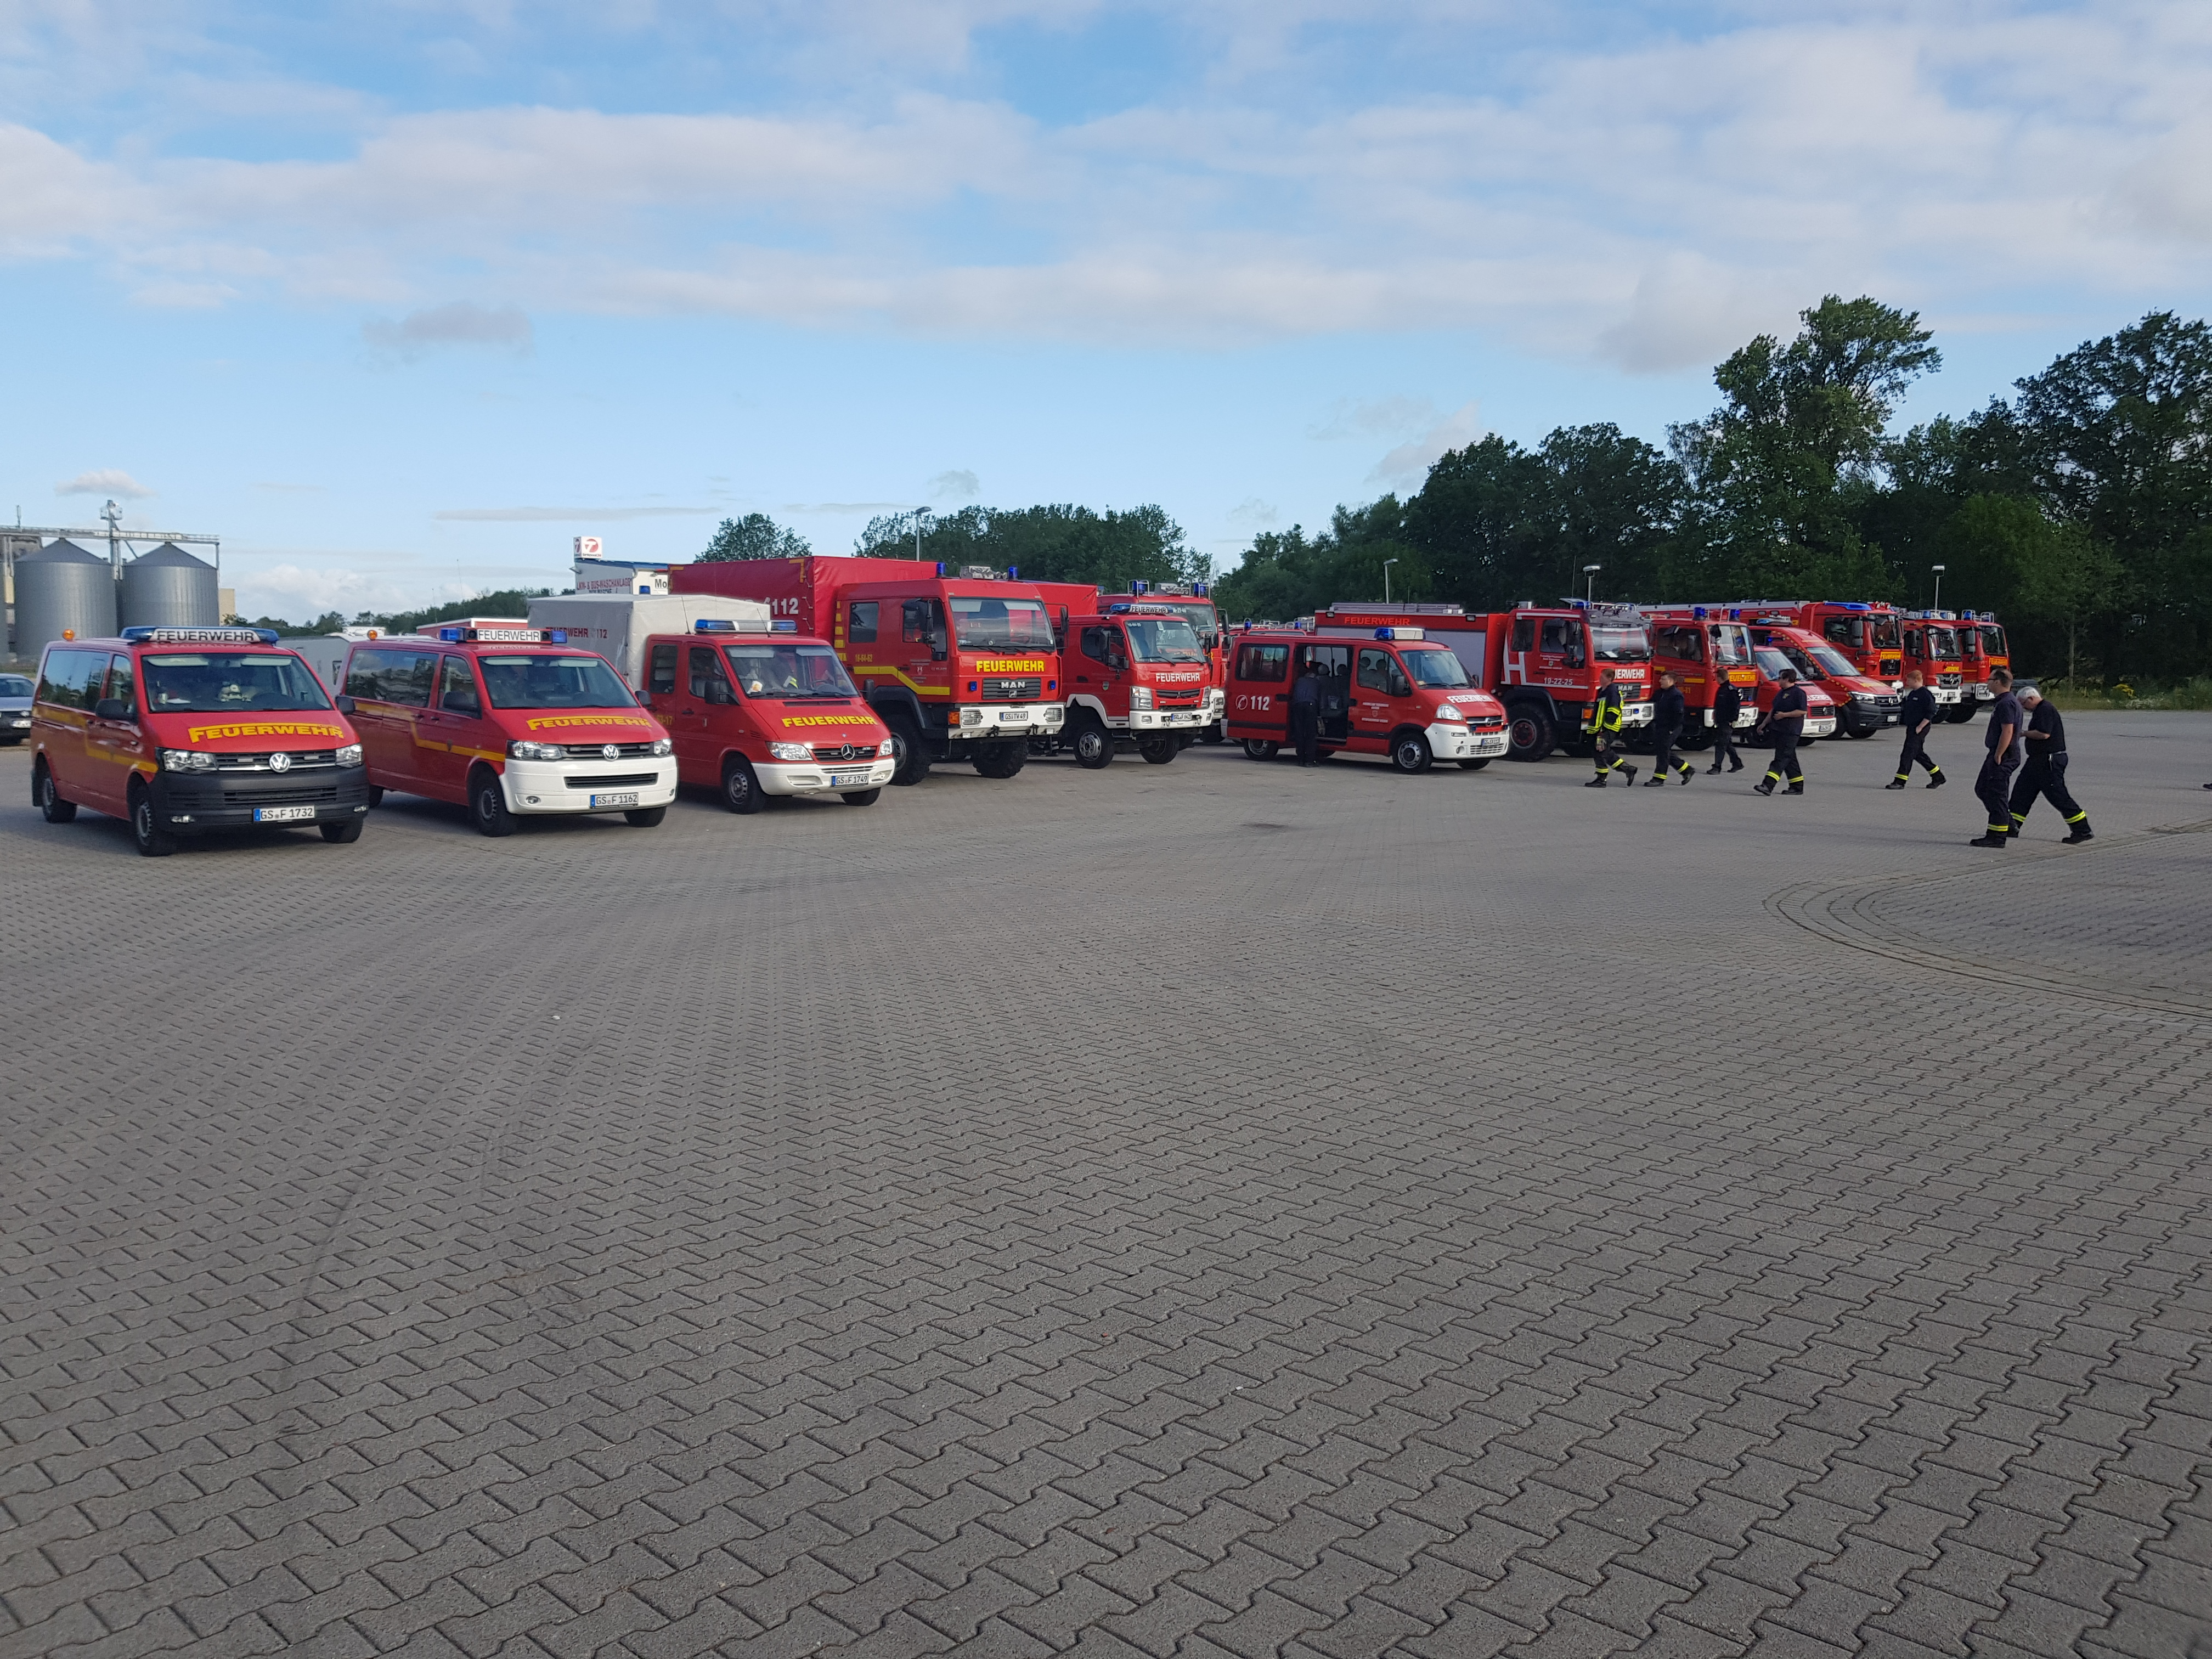 Waldbrandeinsatz in Lübtheen